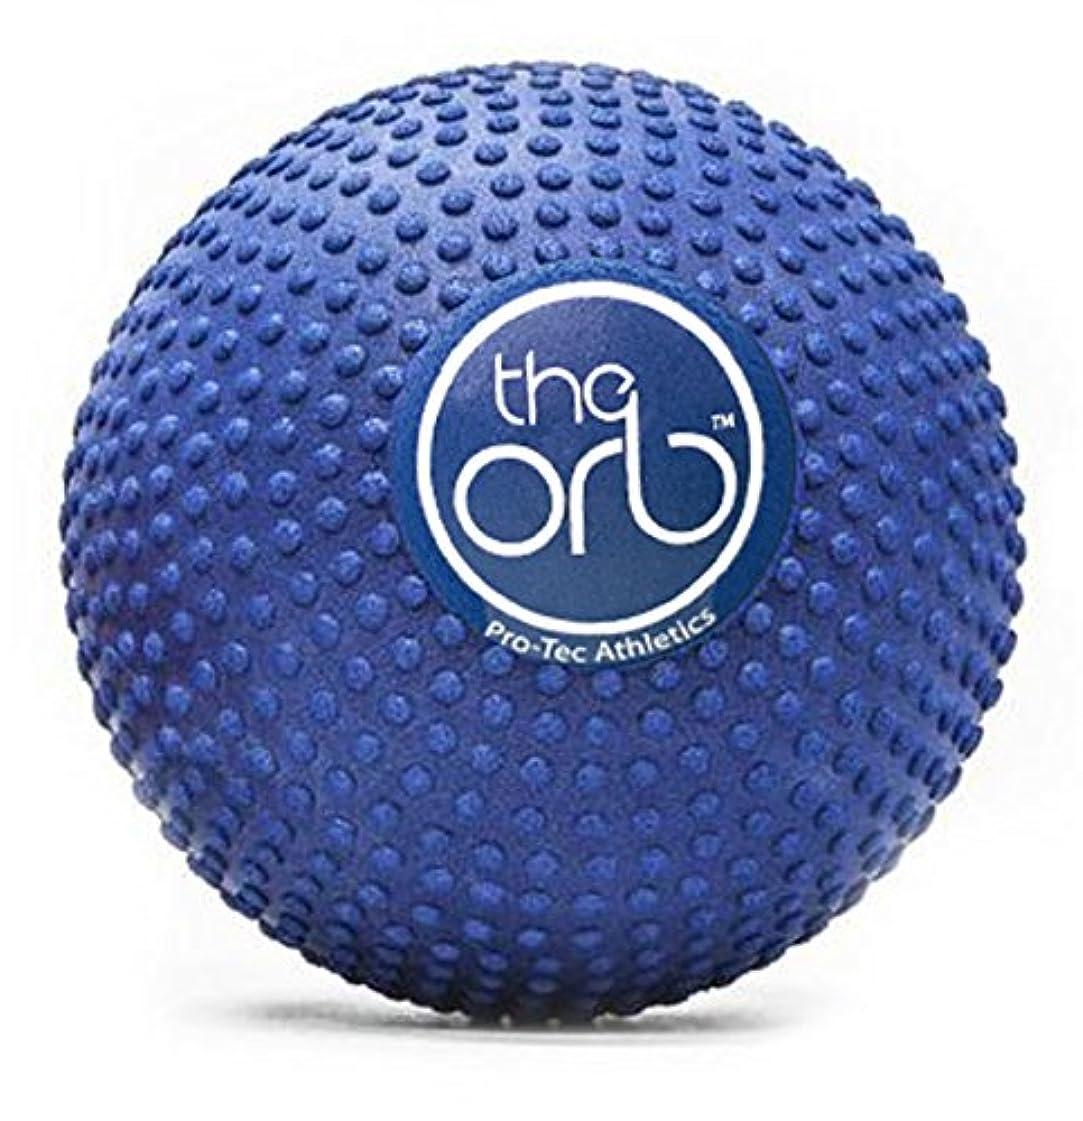 はいカポック白菜Pro-Tec Athletics(プロテックアスレチックス) The Orb 5